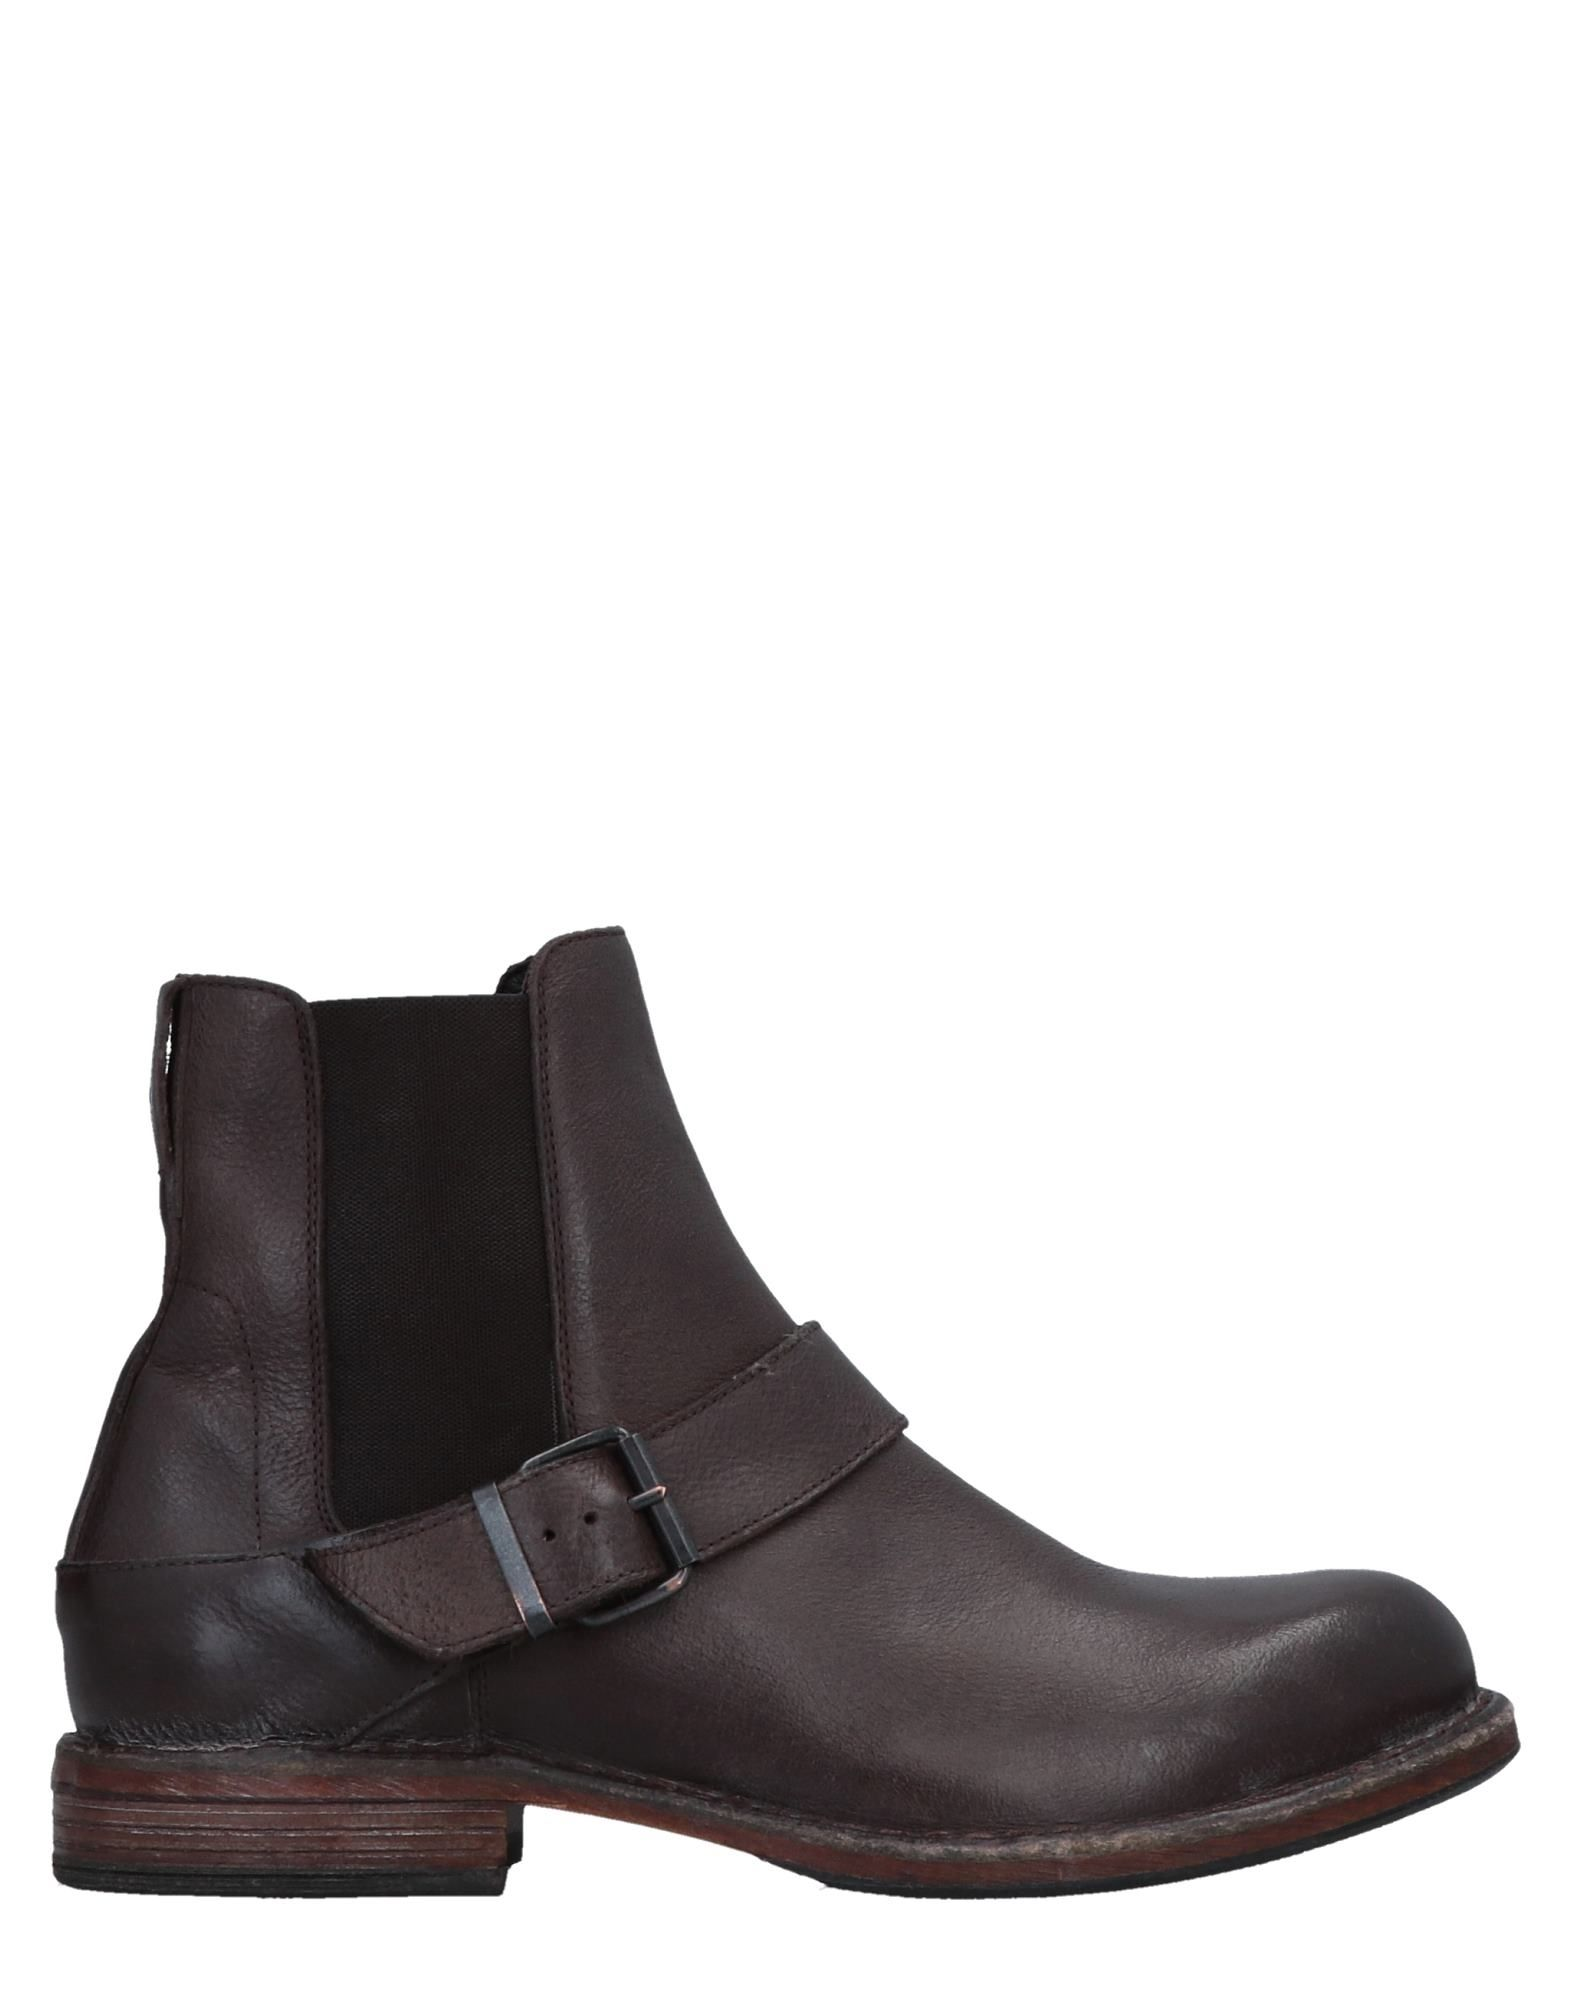 Moma Stiefelette Herren  11512683PR Gute Qualität beliebte Schuhe